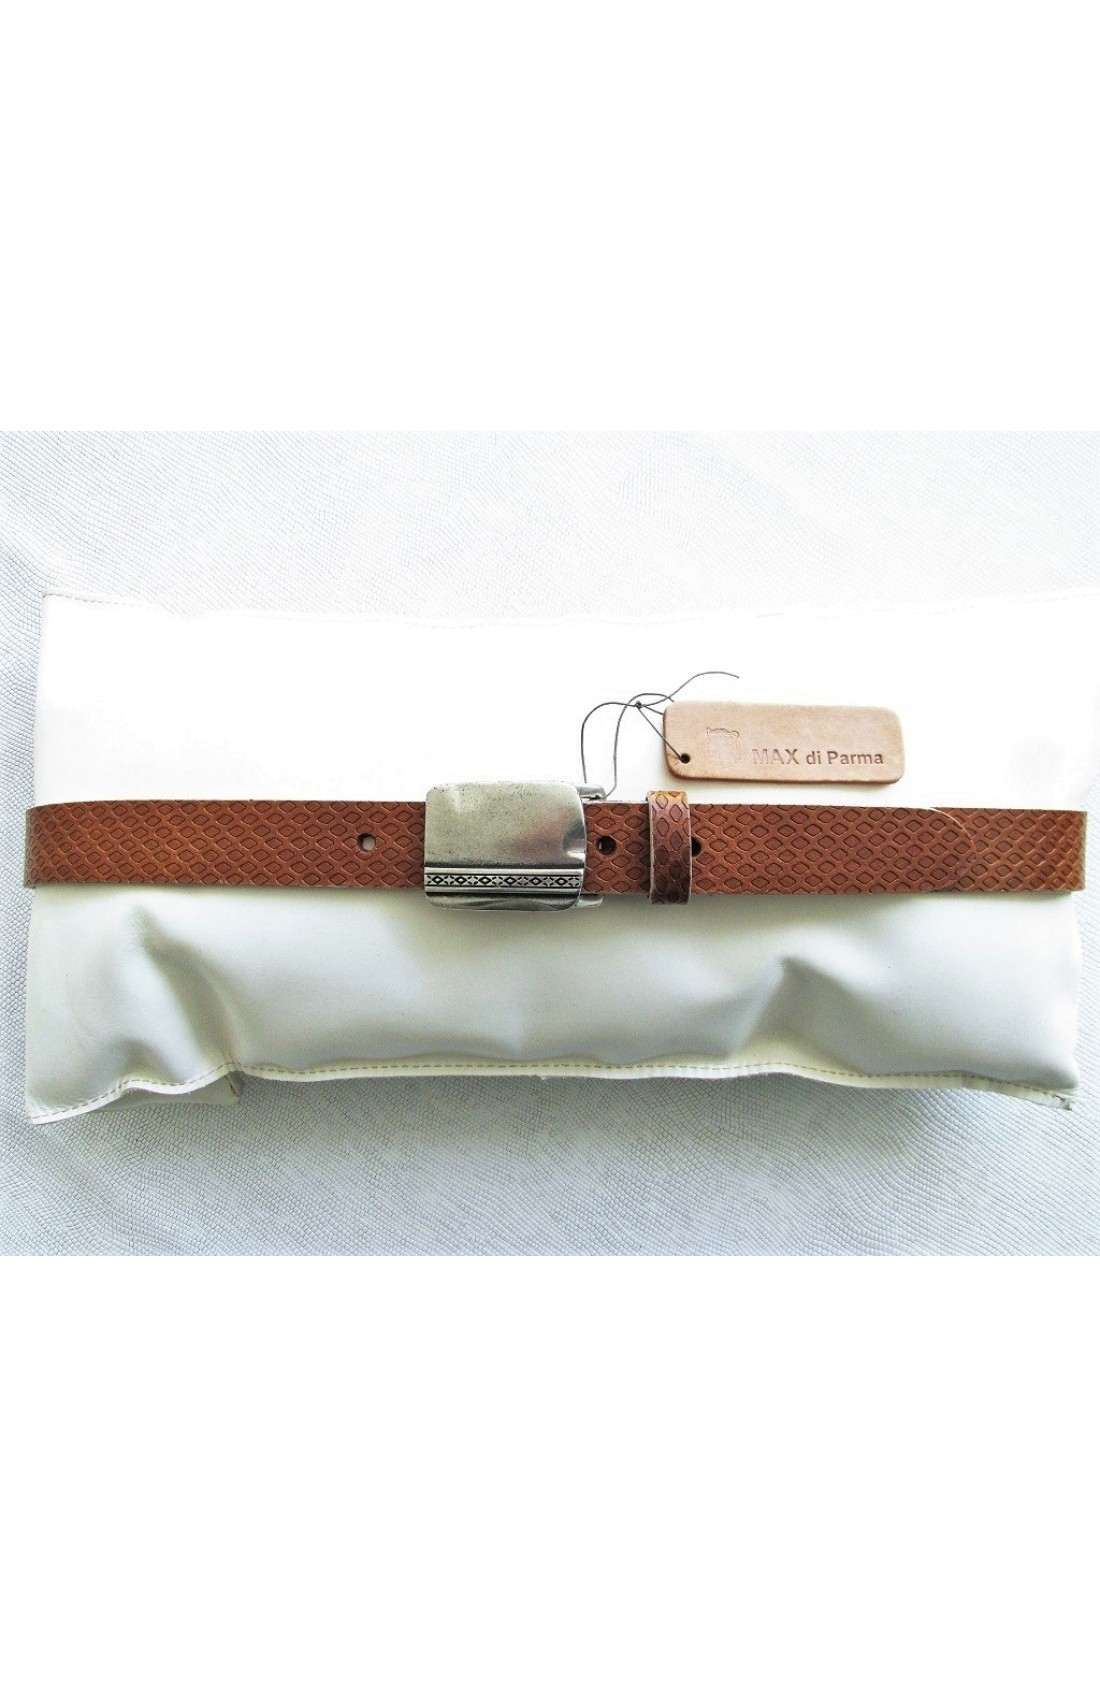 CINTURA UNISEX art.501 LAGOS INTAGLIATO mm.30 var.4 cognac Placca Speciale E19 (4)